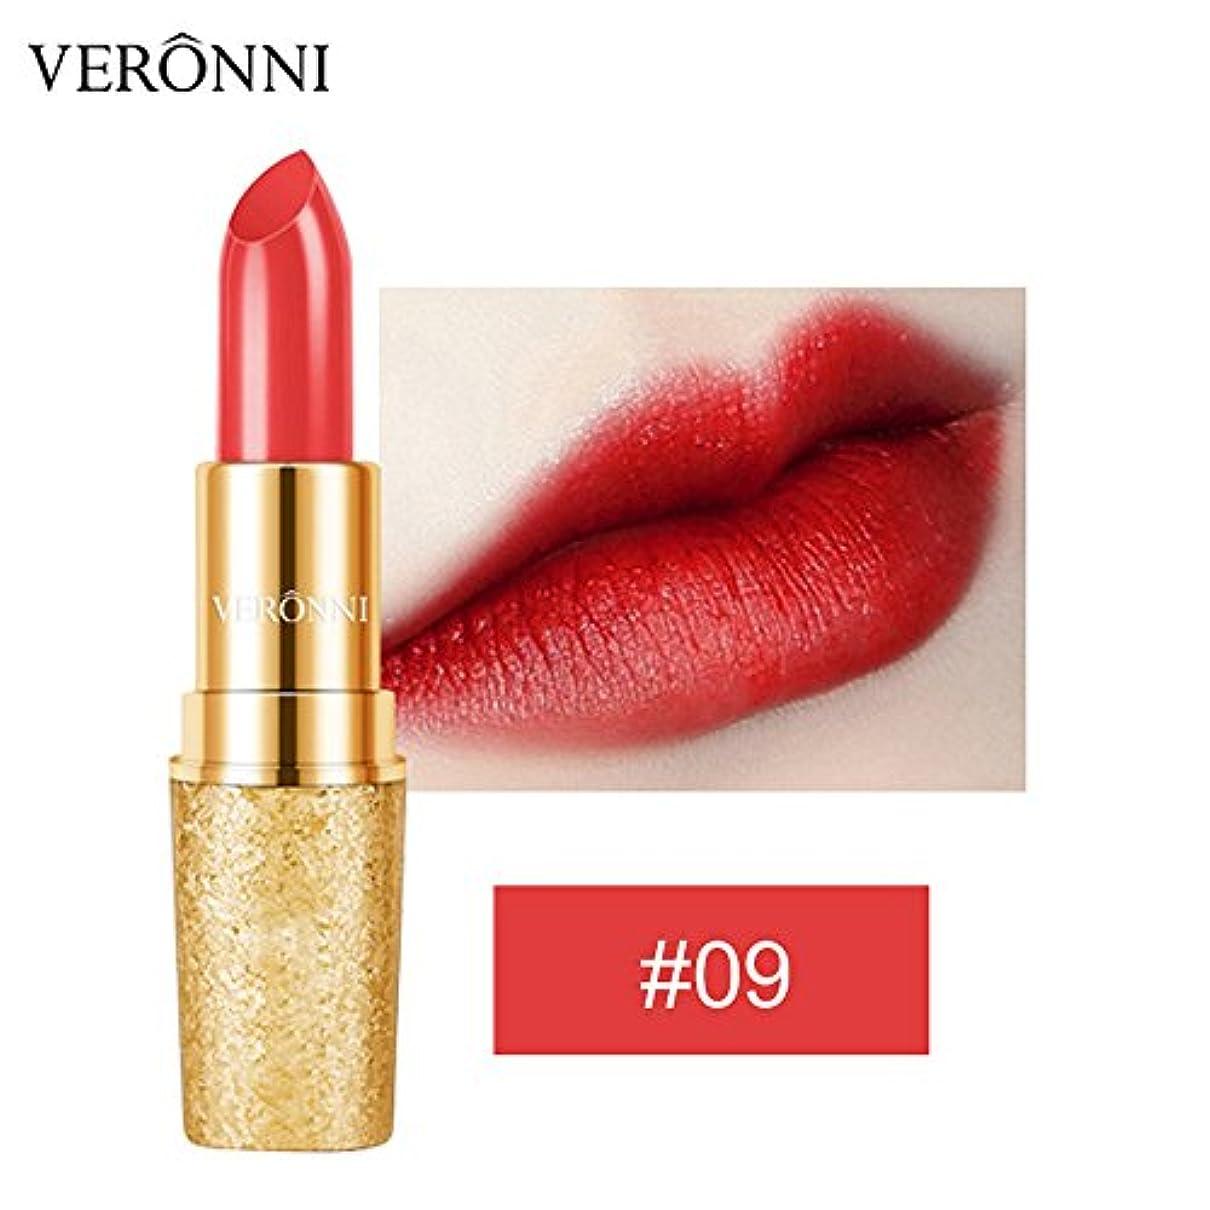 余暇ベル鋭くリップスティック ゴールデン マット リップクリーム 化粧品 美容 リップバーム メイク 口紅 防水 長持ち 優雅 贈り物 体温でひとつに溶け合うなめらかテクスチャールージュhuajuanI